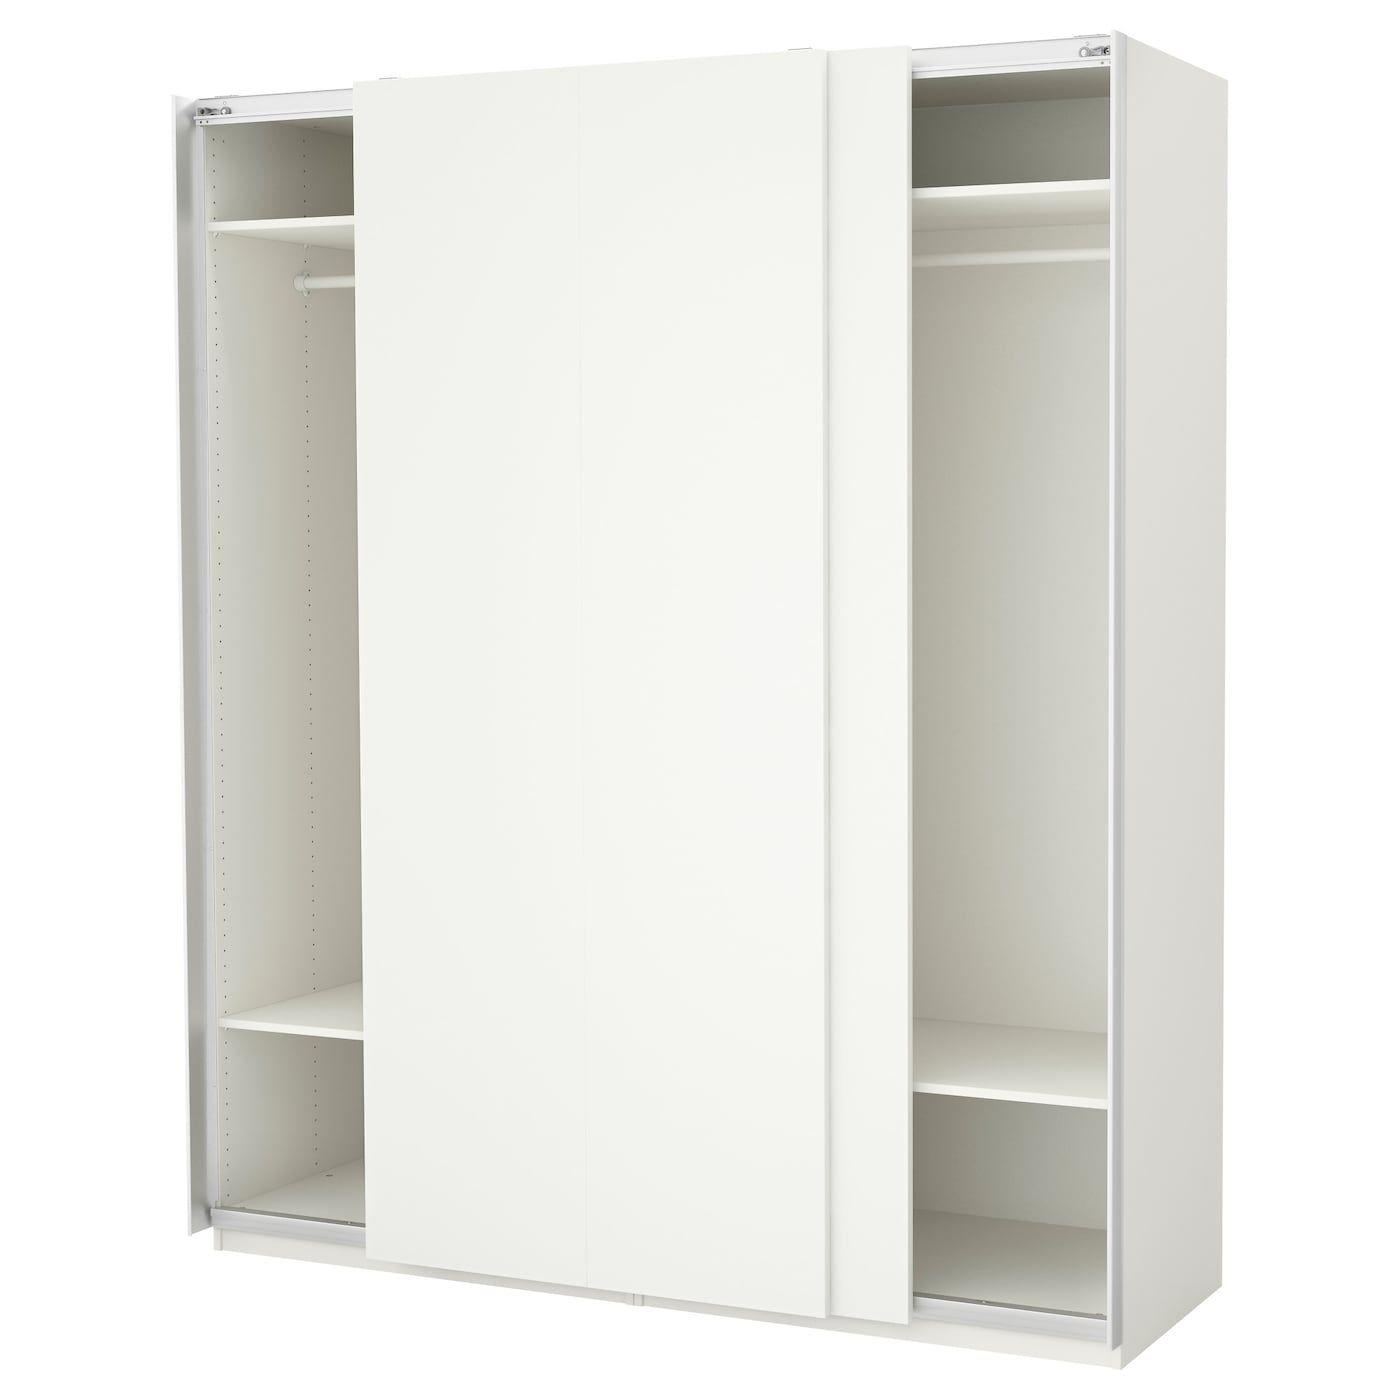 Pax Wardrobe White Hasvik White 200x66x236 Cm Pax